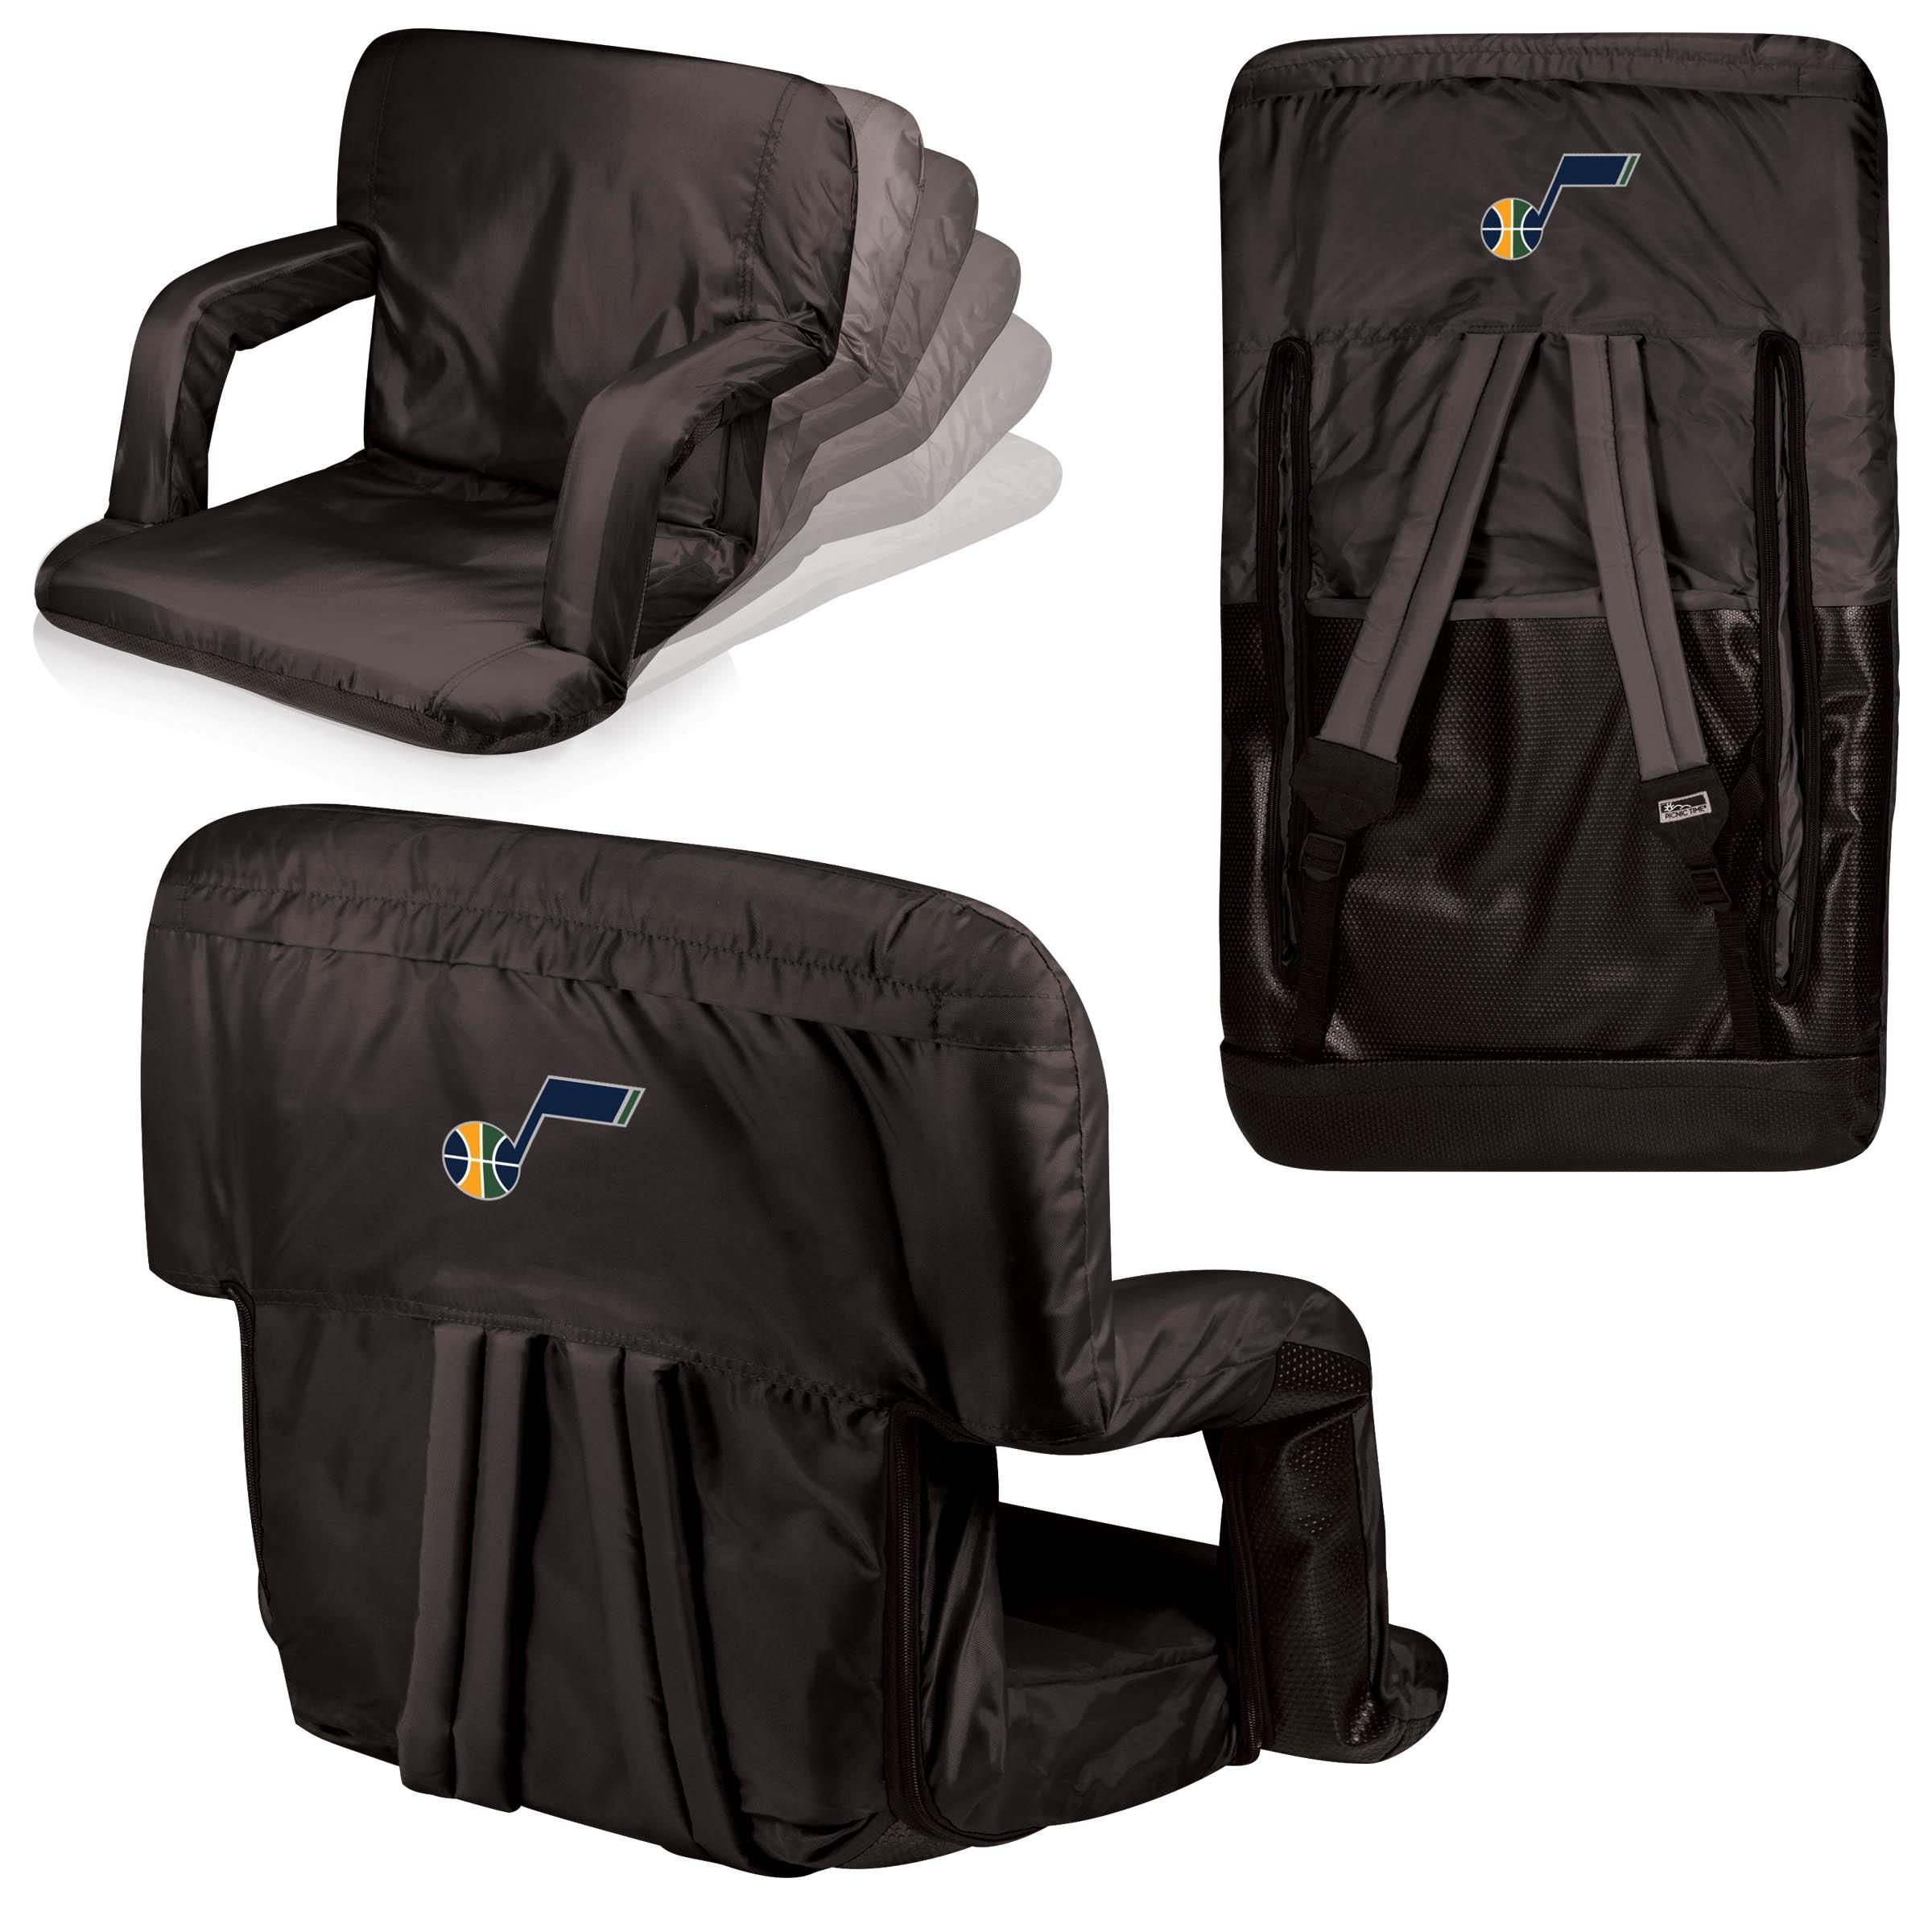 Utah Jazz Ventura Seat Portable Recliner Chair - Black